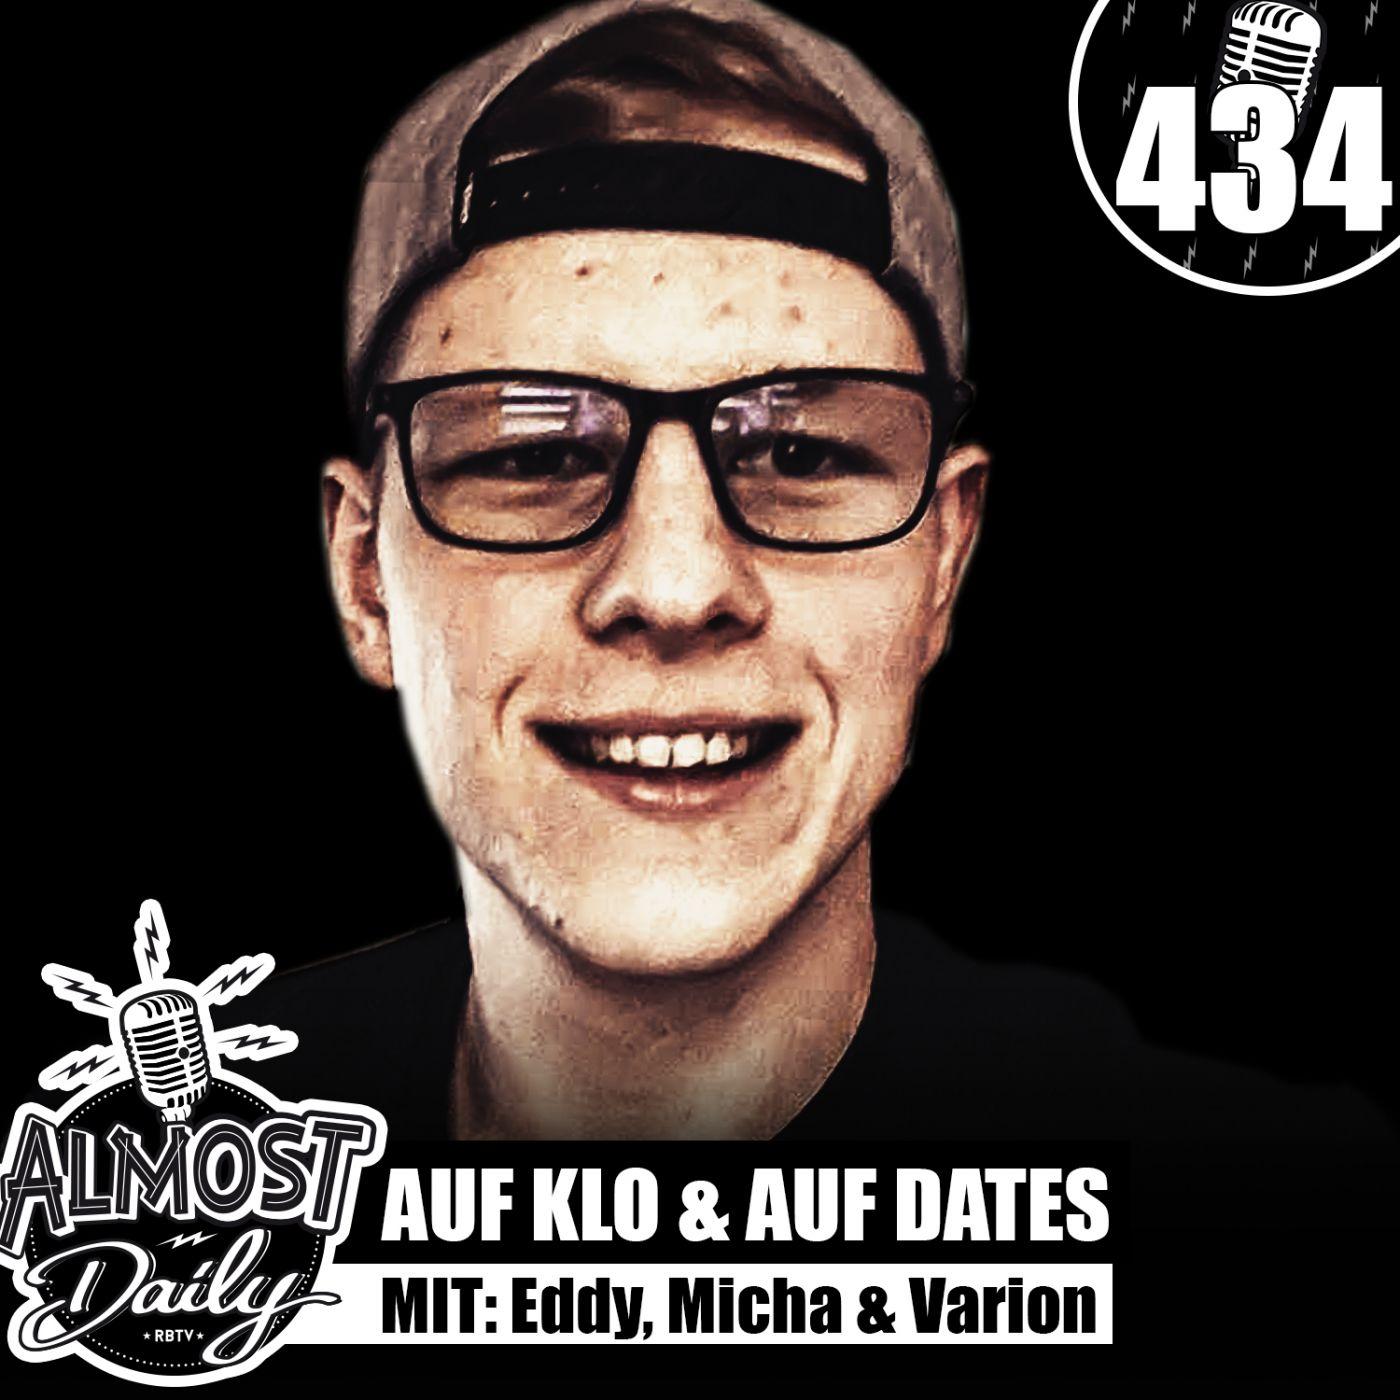 #434   Varion, Eddy & Micha sind auf Klo und auf Dates